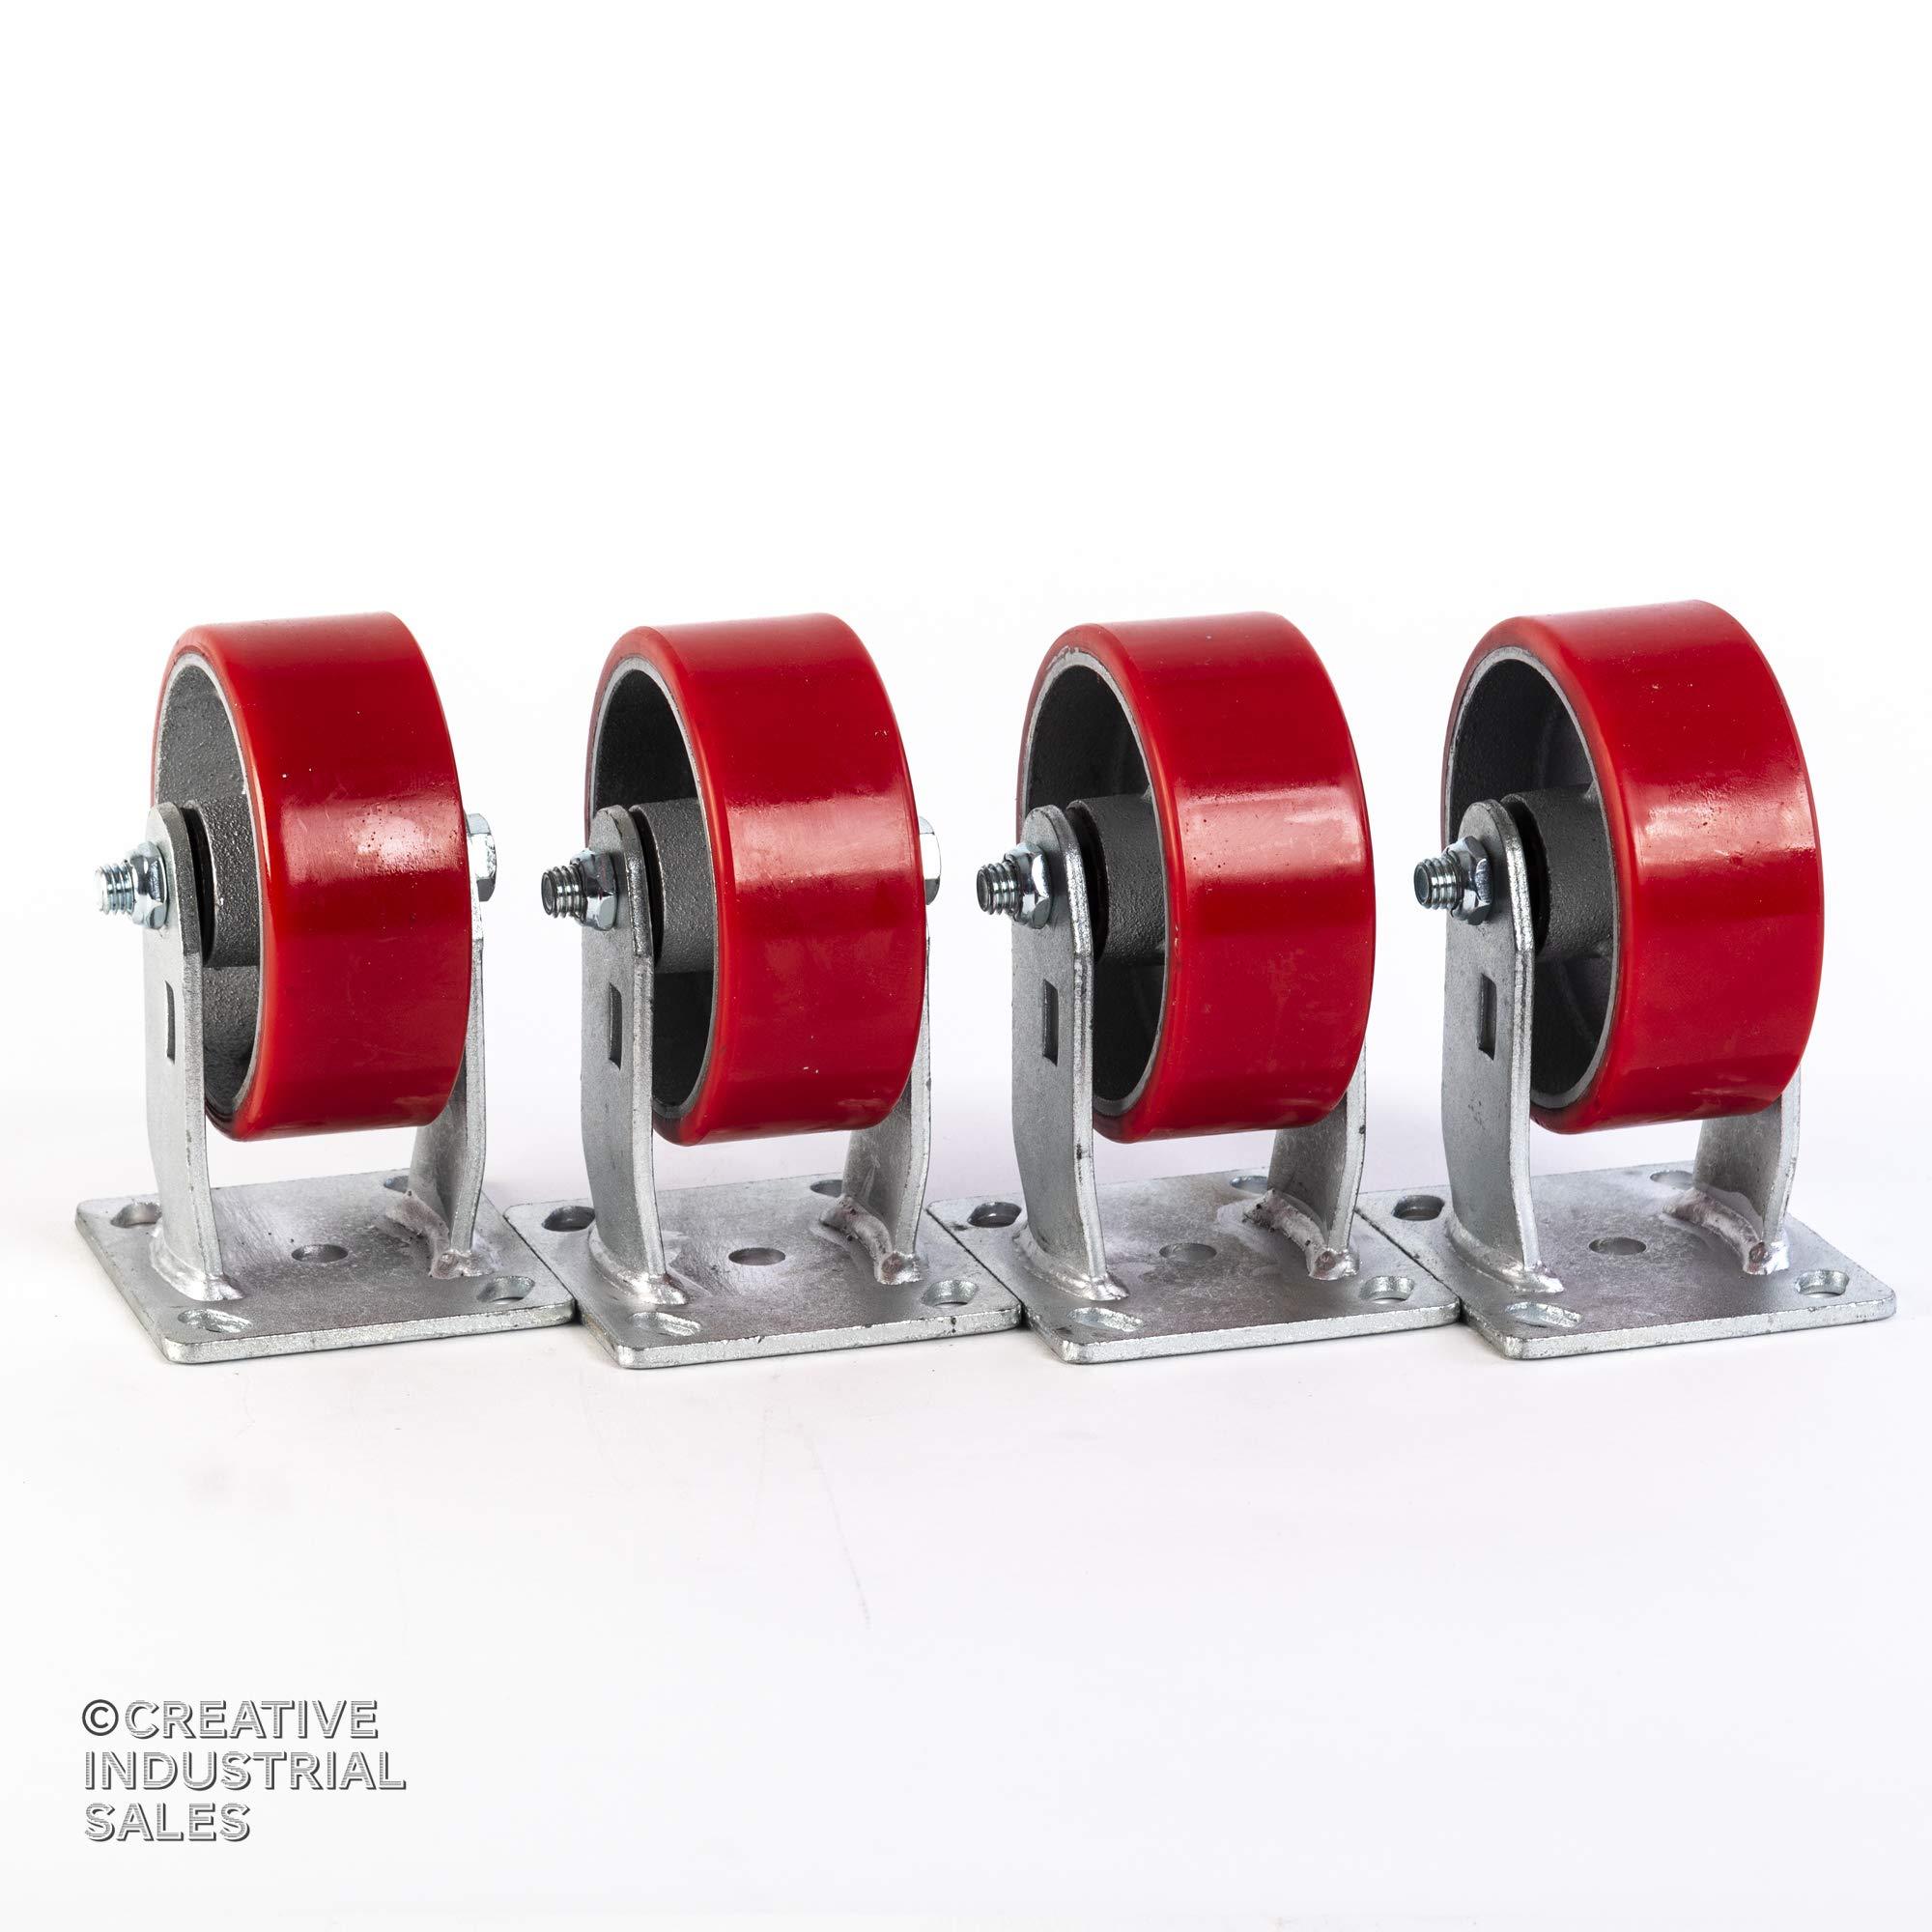 5'' X 2'' Rigid Caster Heavy Duty Polyurethane Wheel on Steel Hub 1000 lb Each (4)